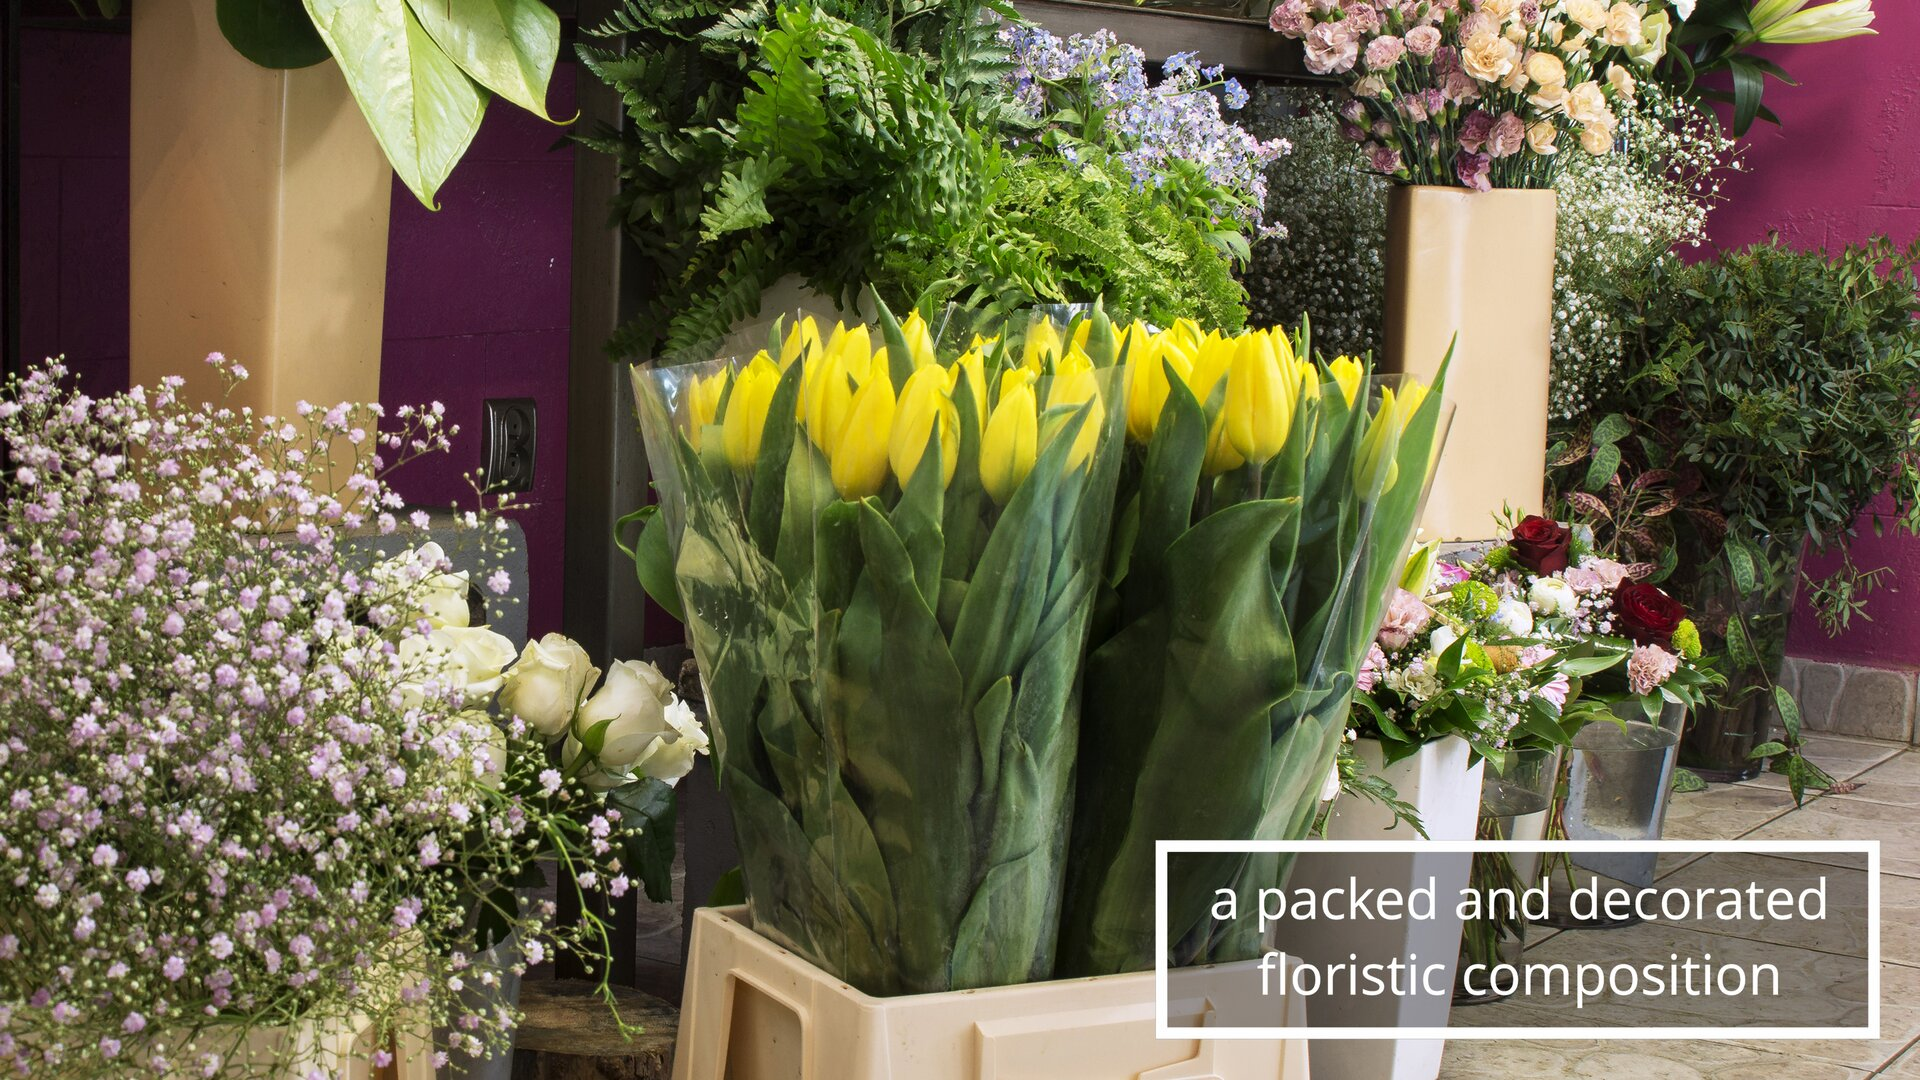 The photo shows flowers packed in foil, ready to be sold.Zdjęcie przedstawia kwiaty opakowane wfolię iprzygotowane do sprzedaży.